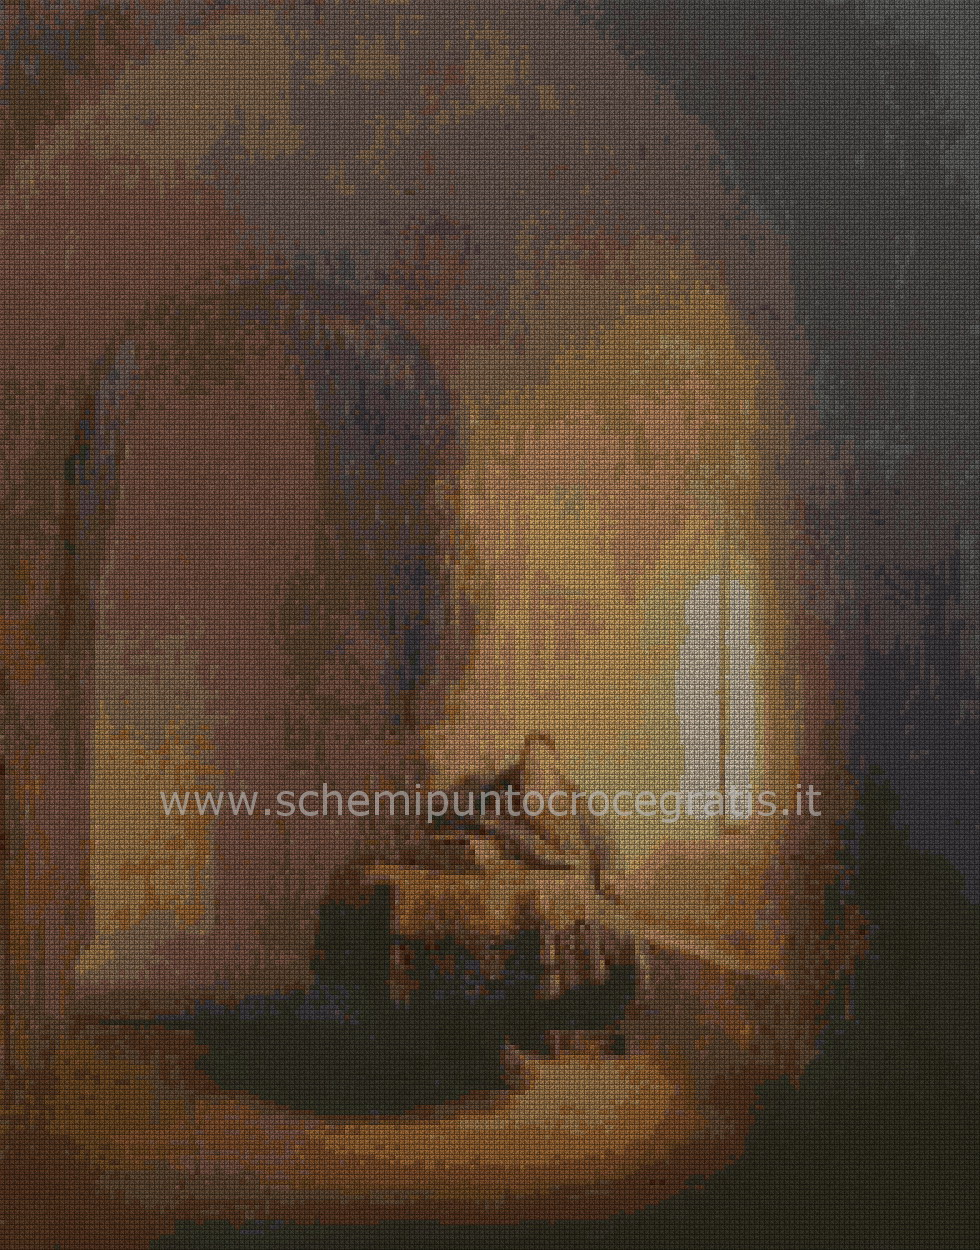 pittori_classici/rembrandt/rembrandt_03s.jpg